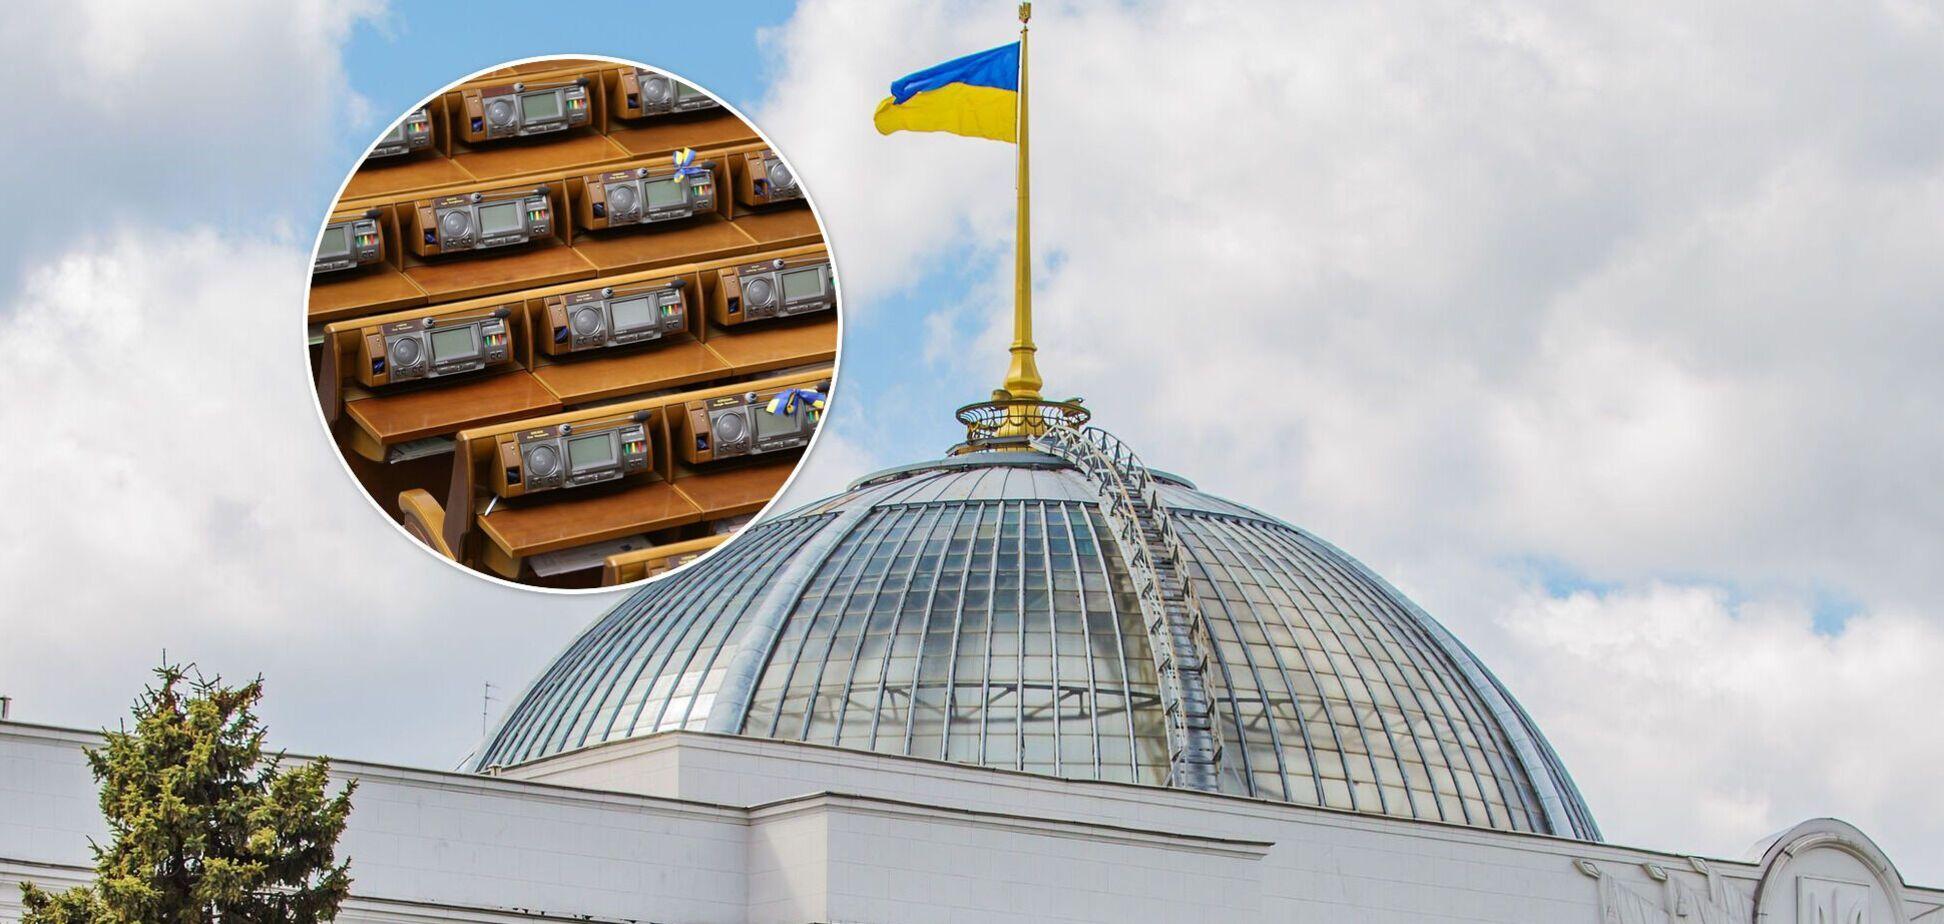 Юристи – про голосування за 'Харківські угоди': держзрада може полягати в усвідомленій підривній діяльності